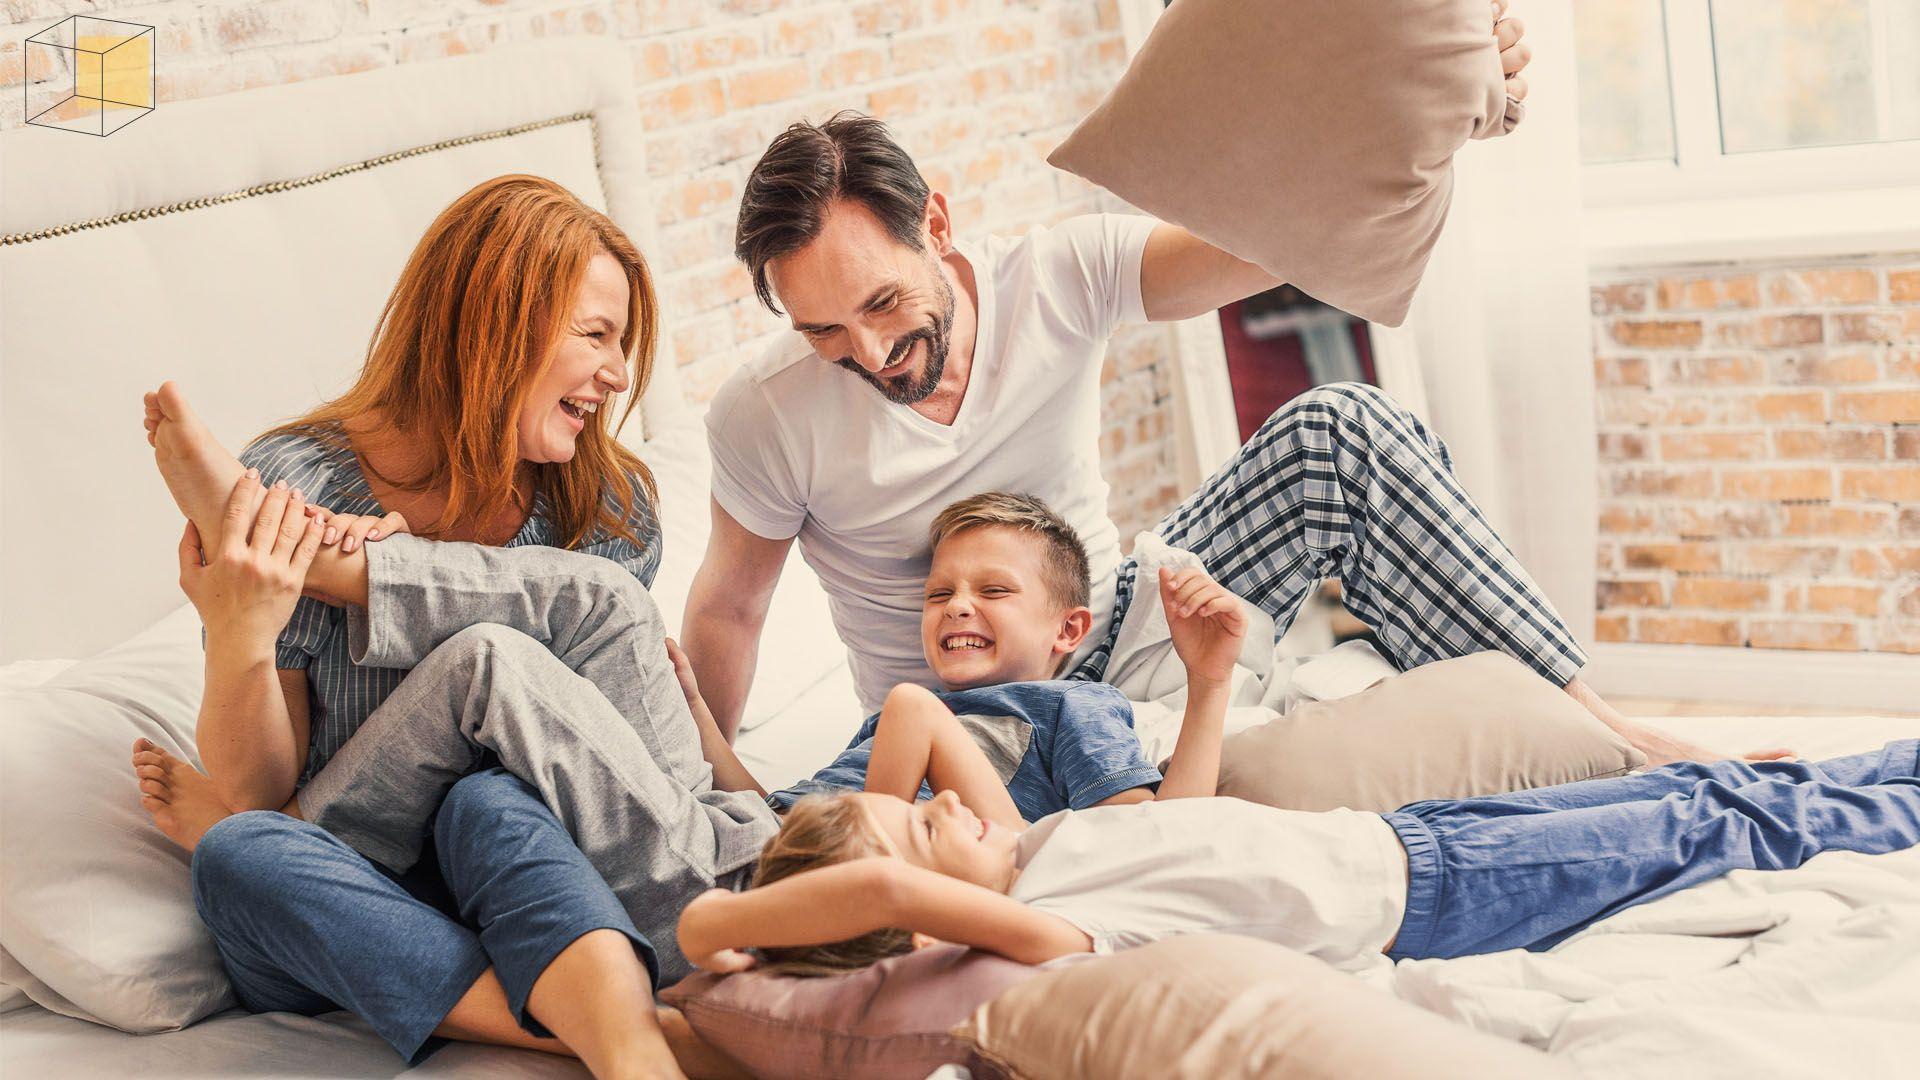 ชีวิตครอบครัว